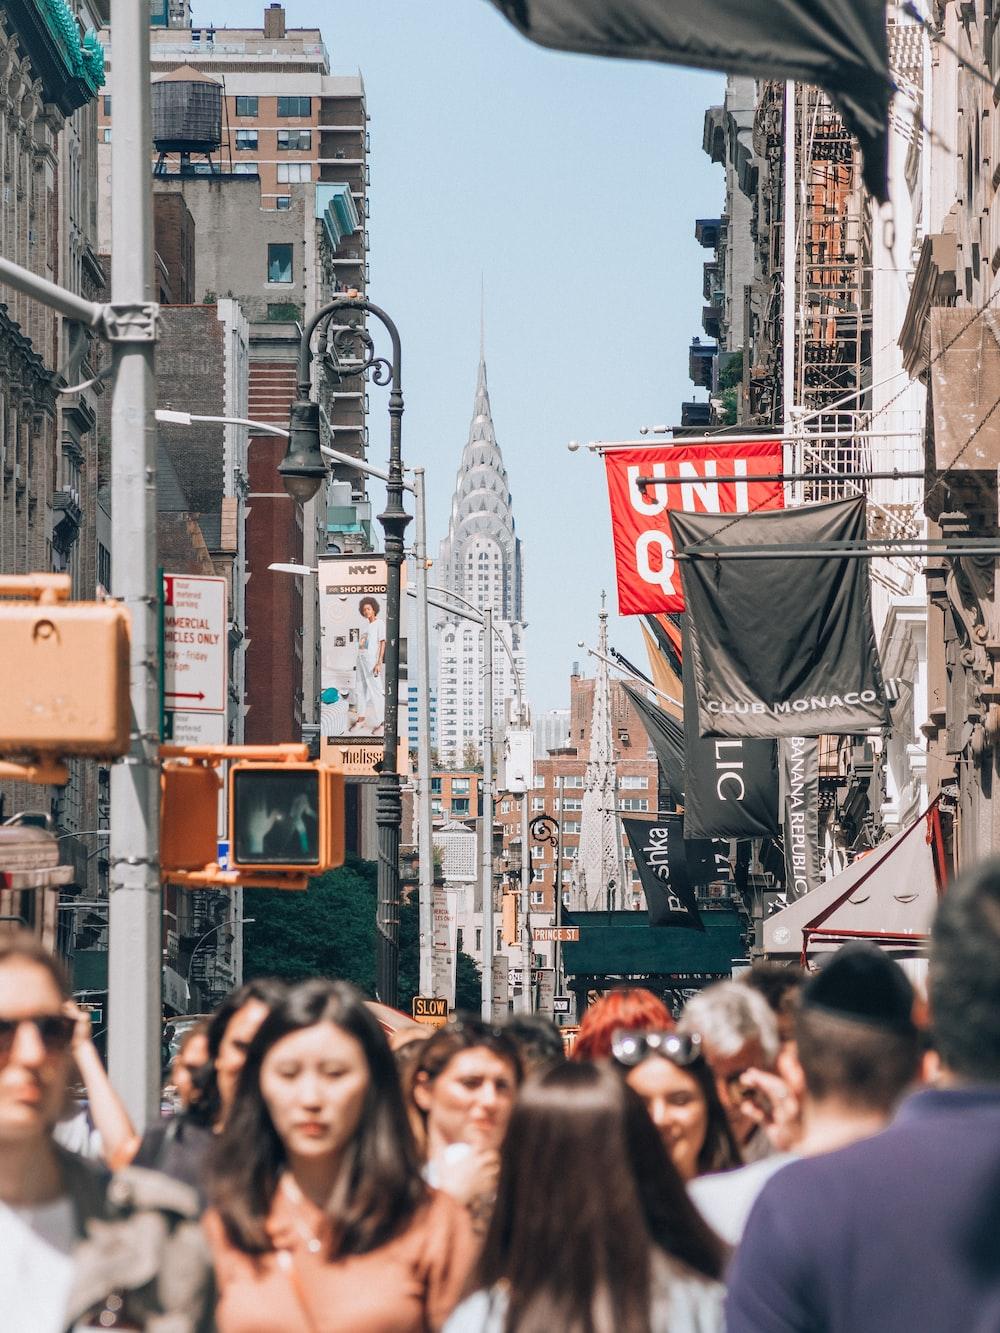 people near buildings